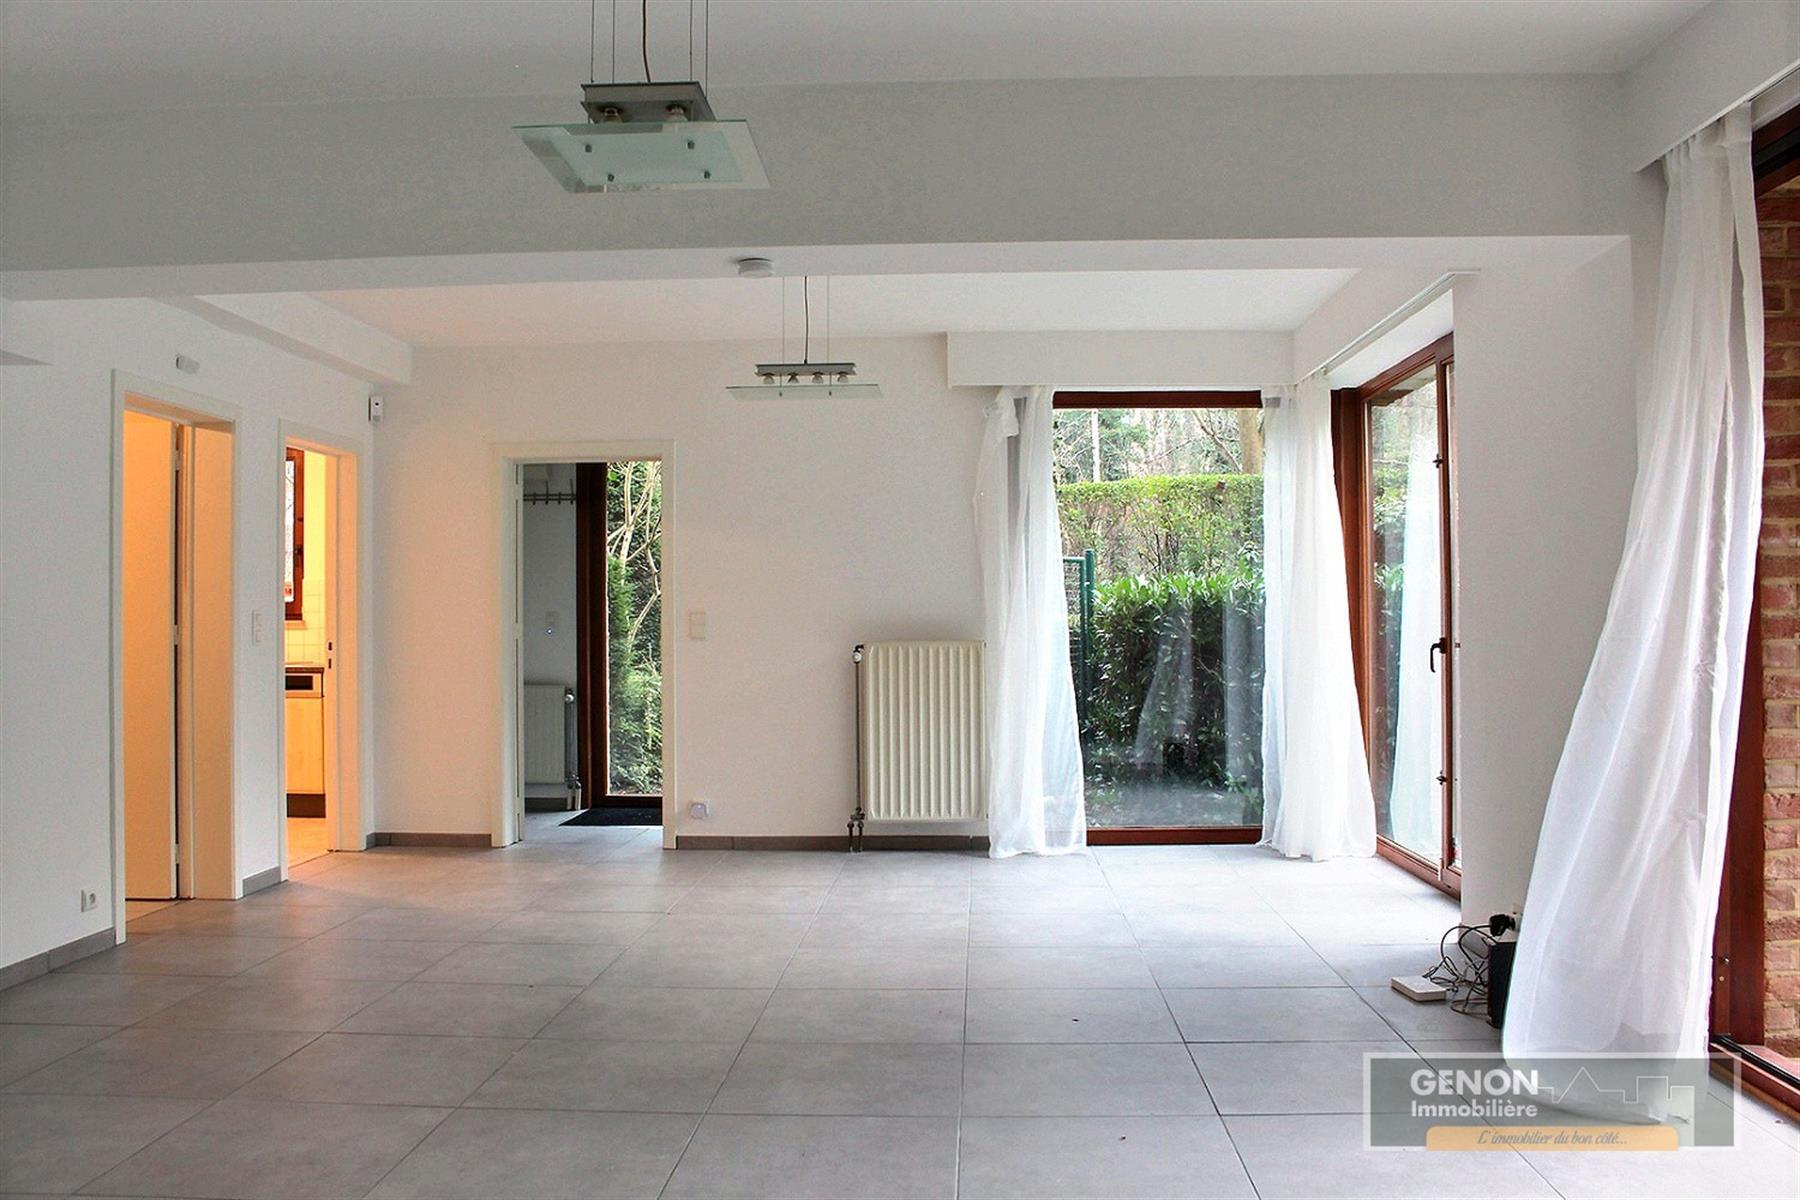 Appartement - Ottignies-Louvain-la-Neuve - #4244956-2